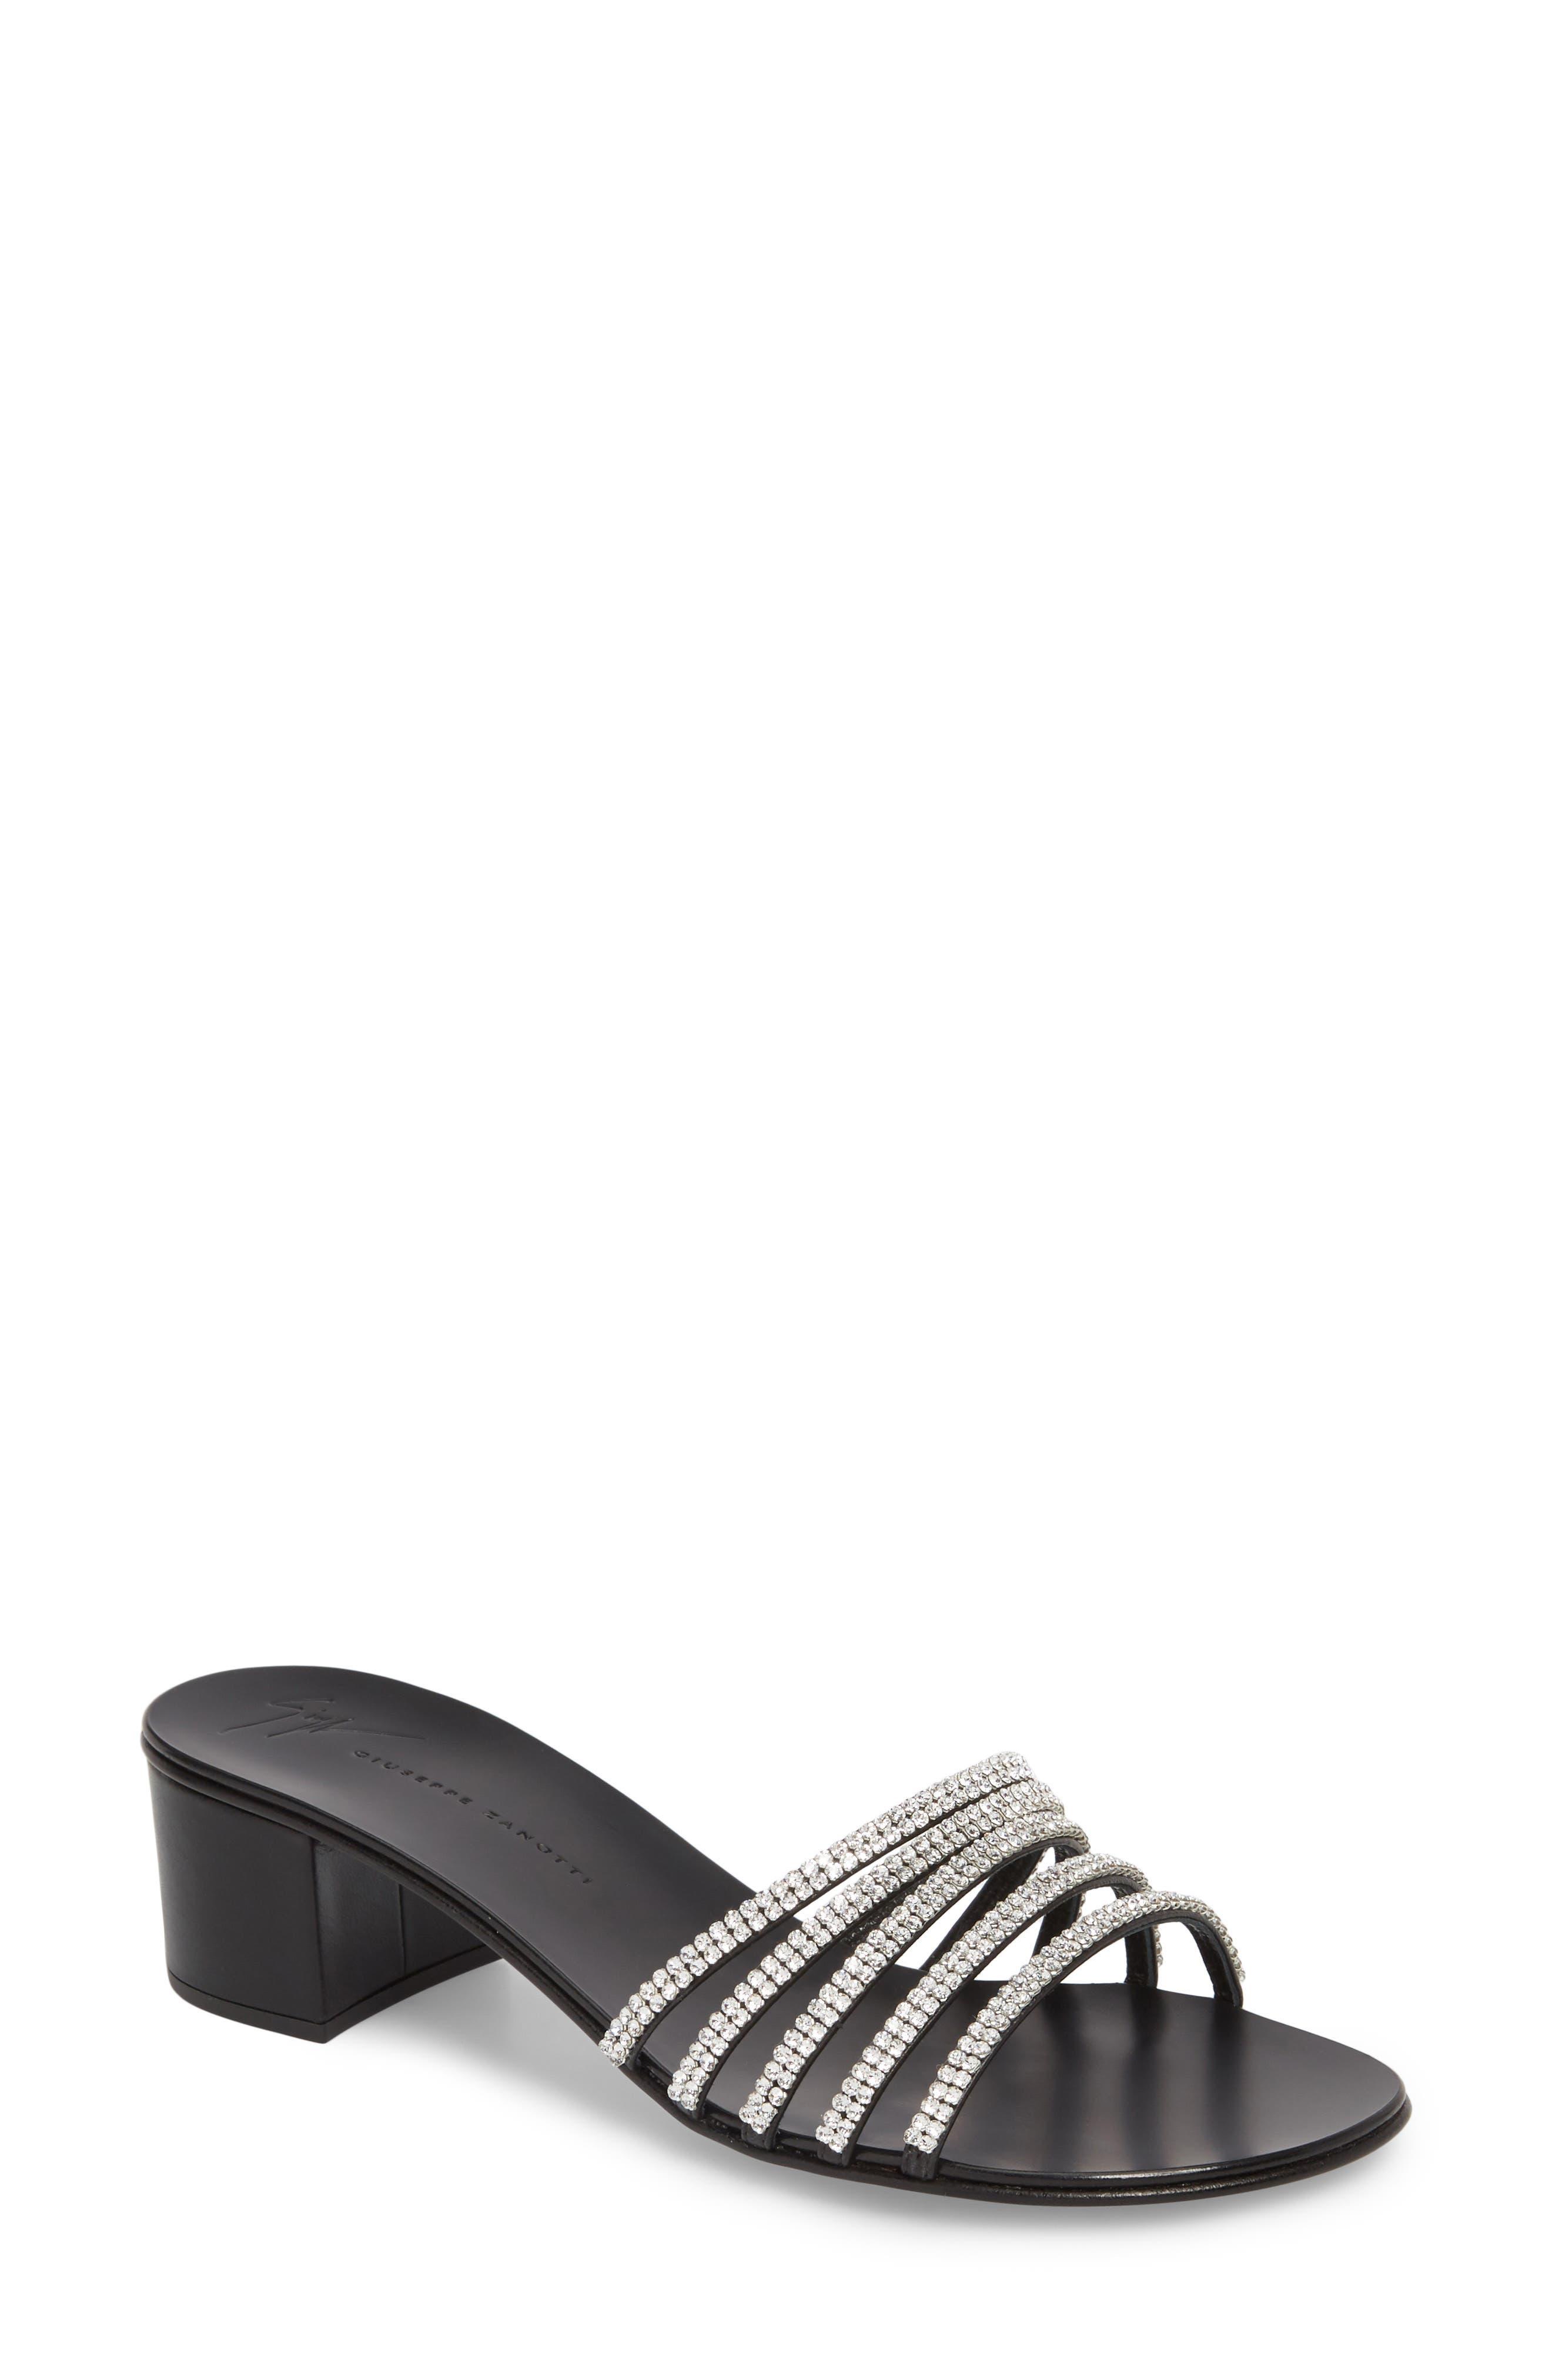 Giuseppe Zanotti Swarovski Crystal Slide Sandal, Black